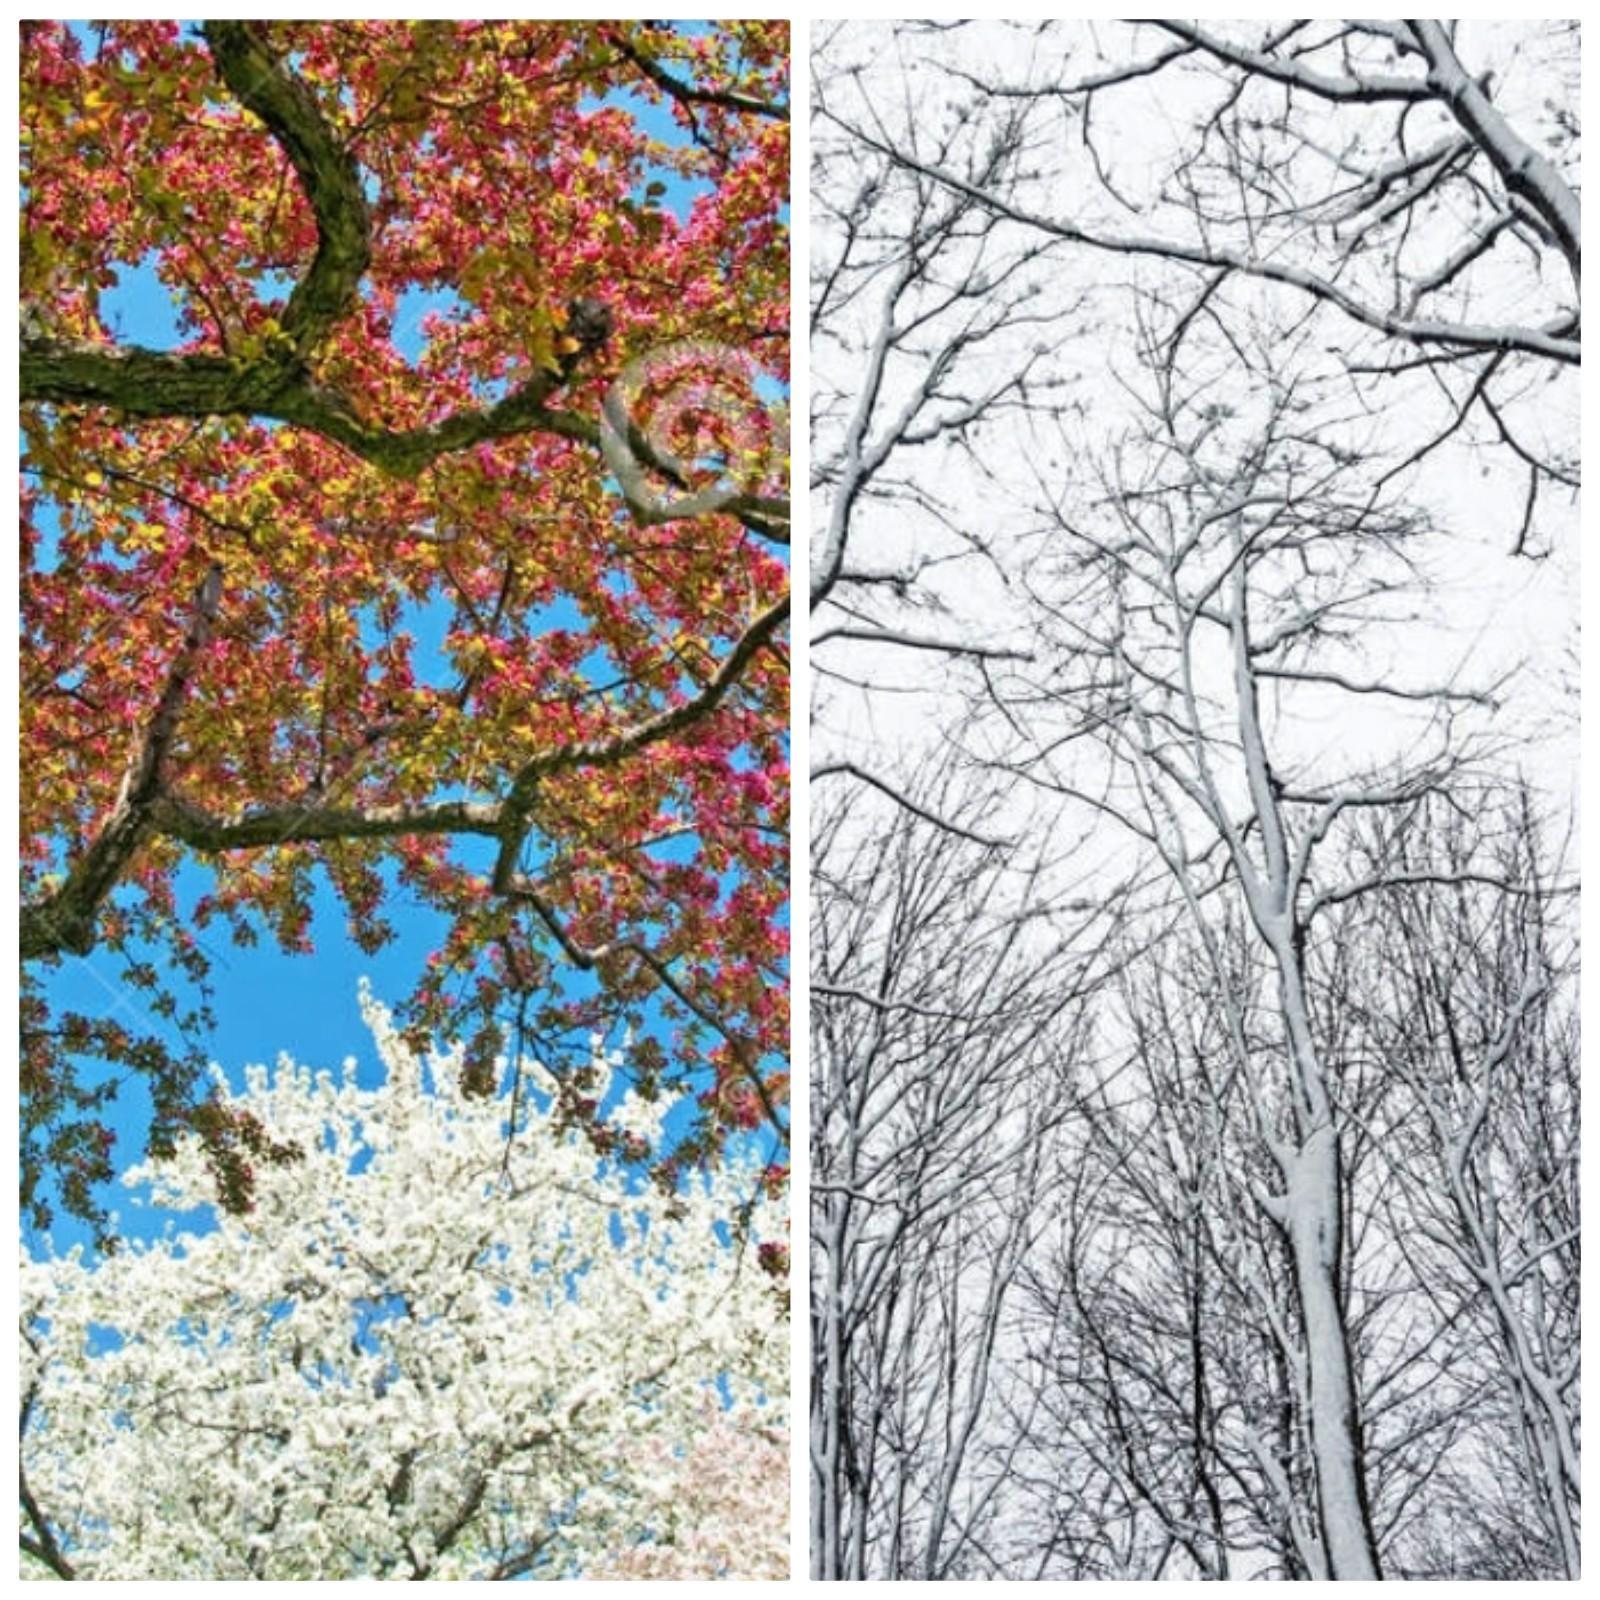 Από την προχωρημένη Άνοιξη στον βαθύ χειμώνα ξανά; Προσέγγιση μεσοπρόθεσμης τάσης 1ου δεκαπενθημέρου Φεβρουαρίου.